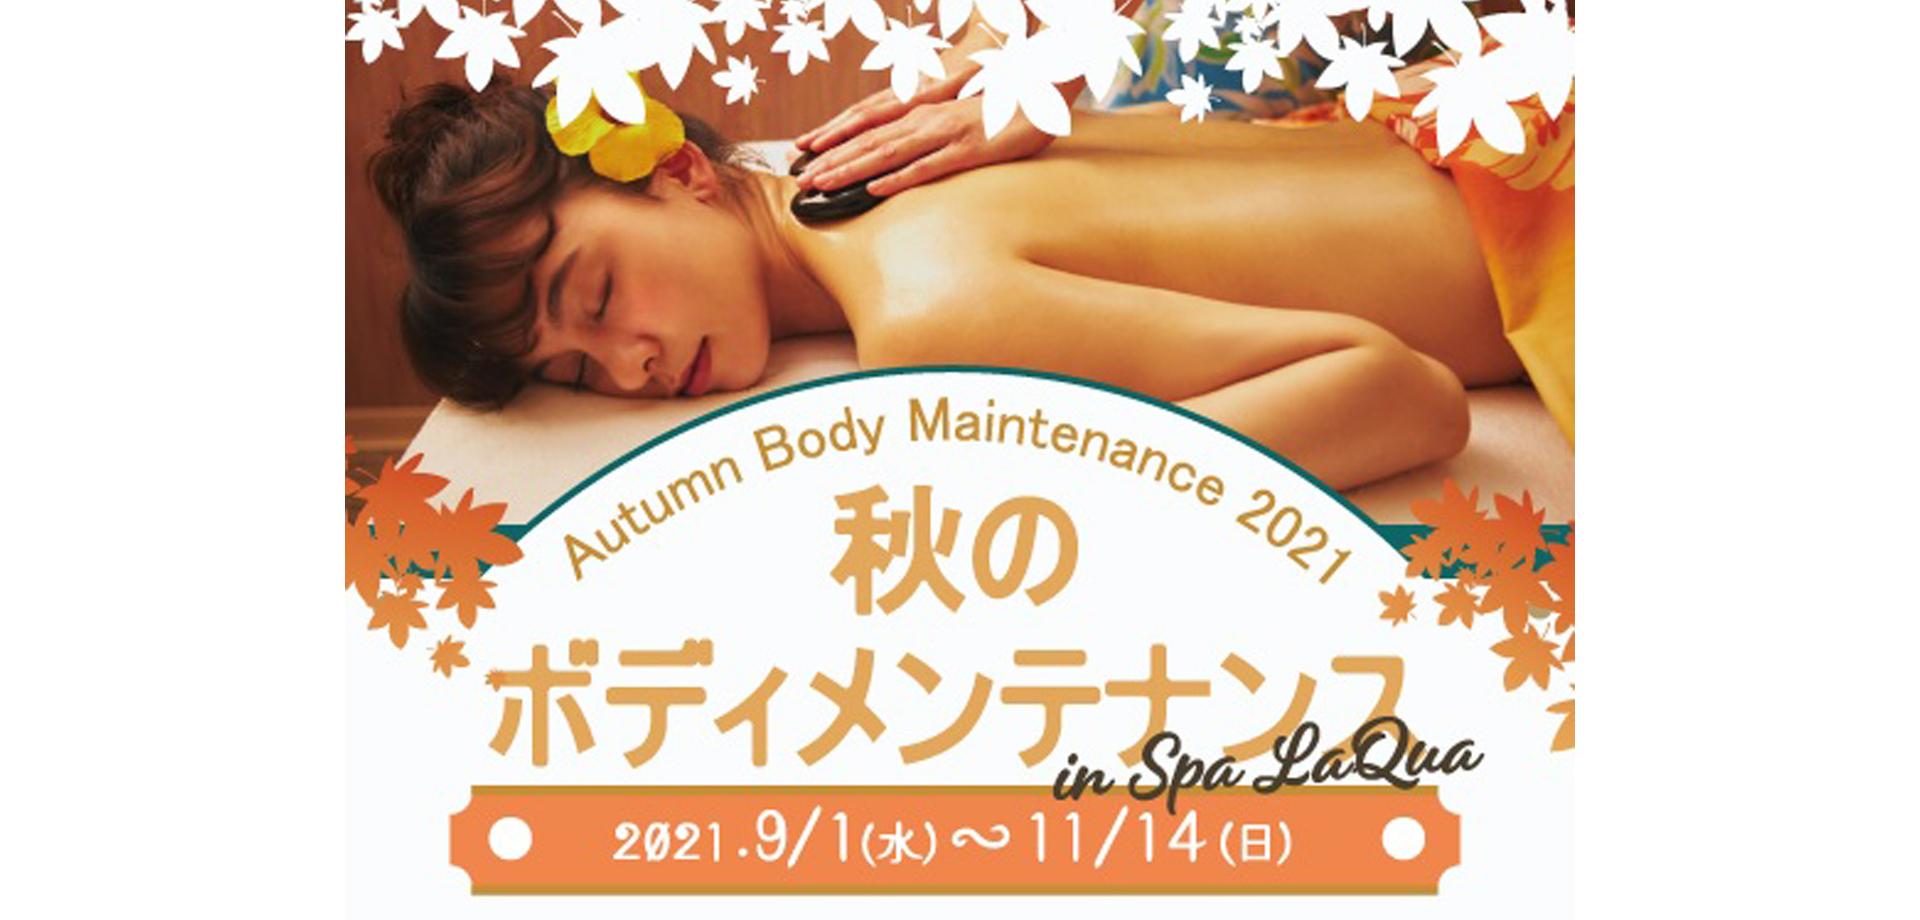 東京ドーム天然温泉 Spa LaQua(スパ ラクーア) 『秋のボディメンテナンス in Spa LaQua』